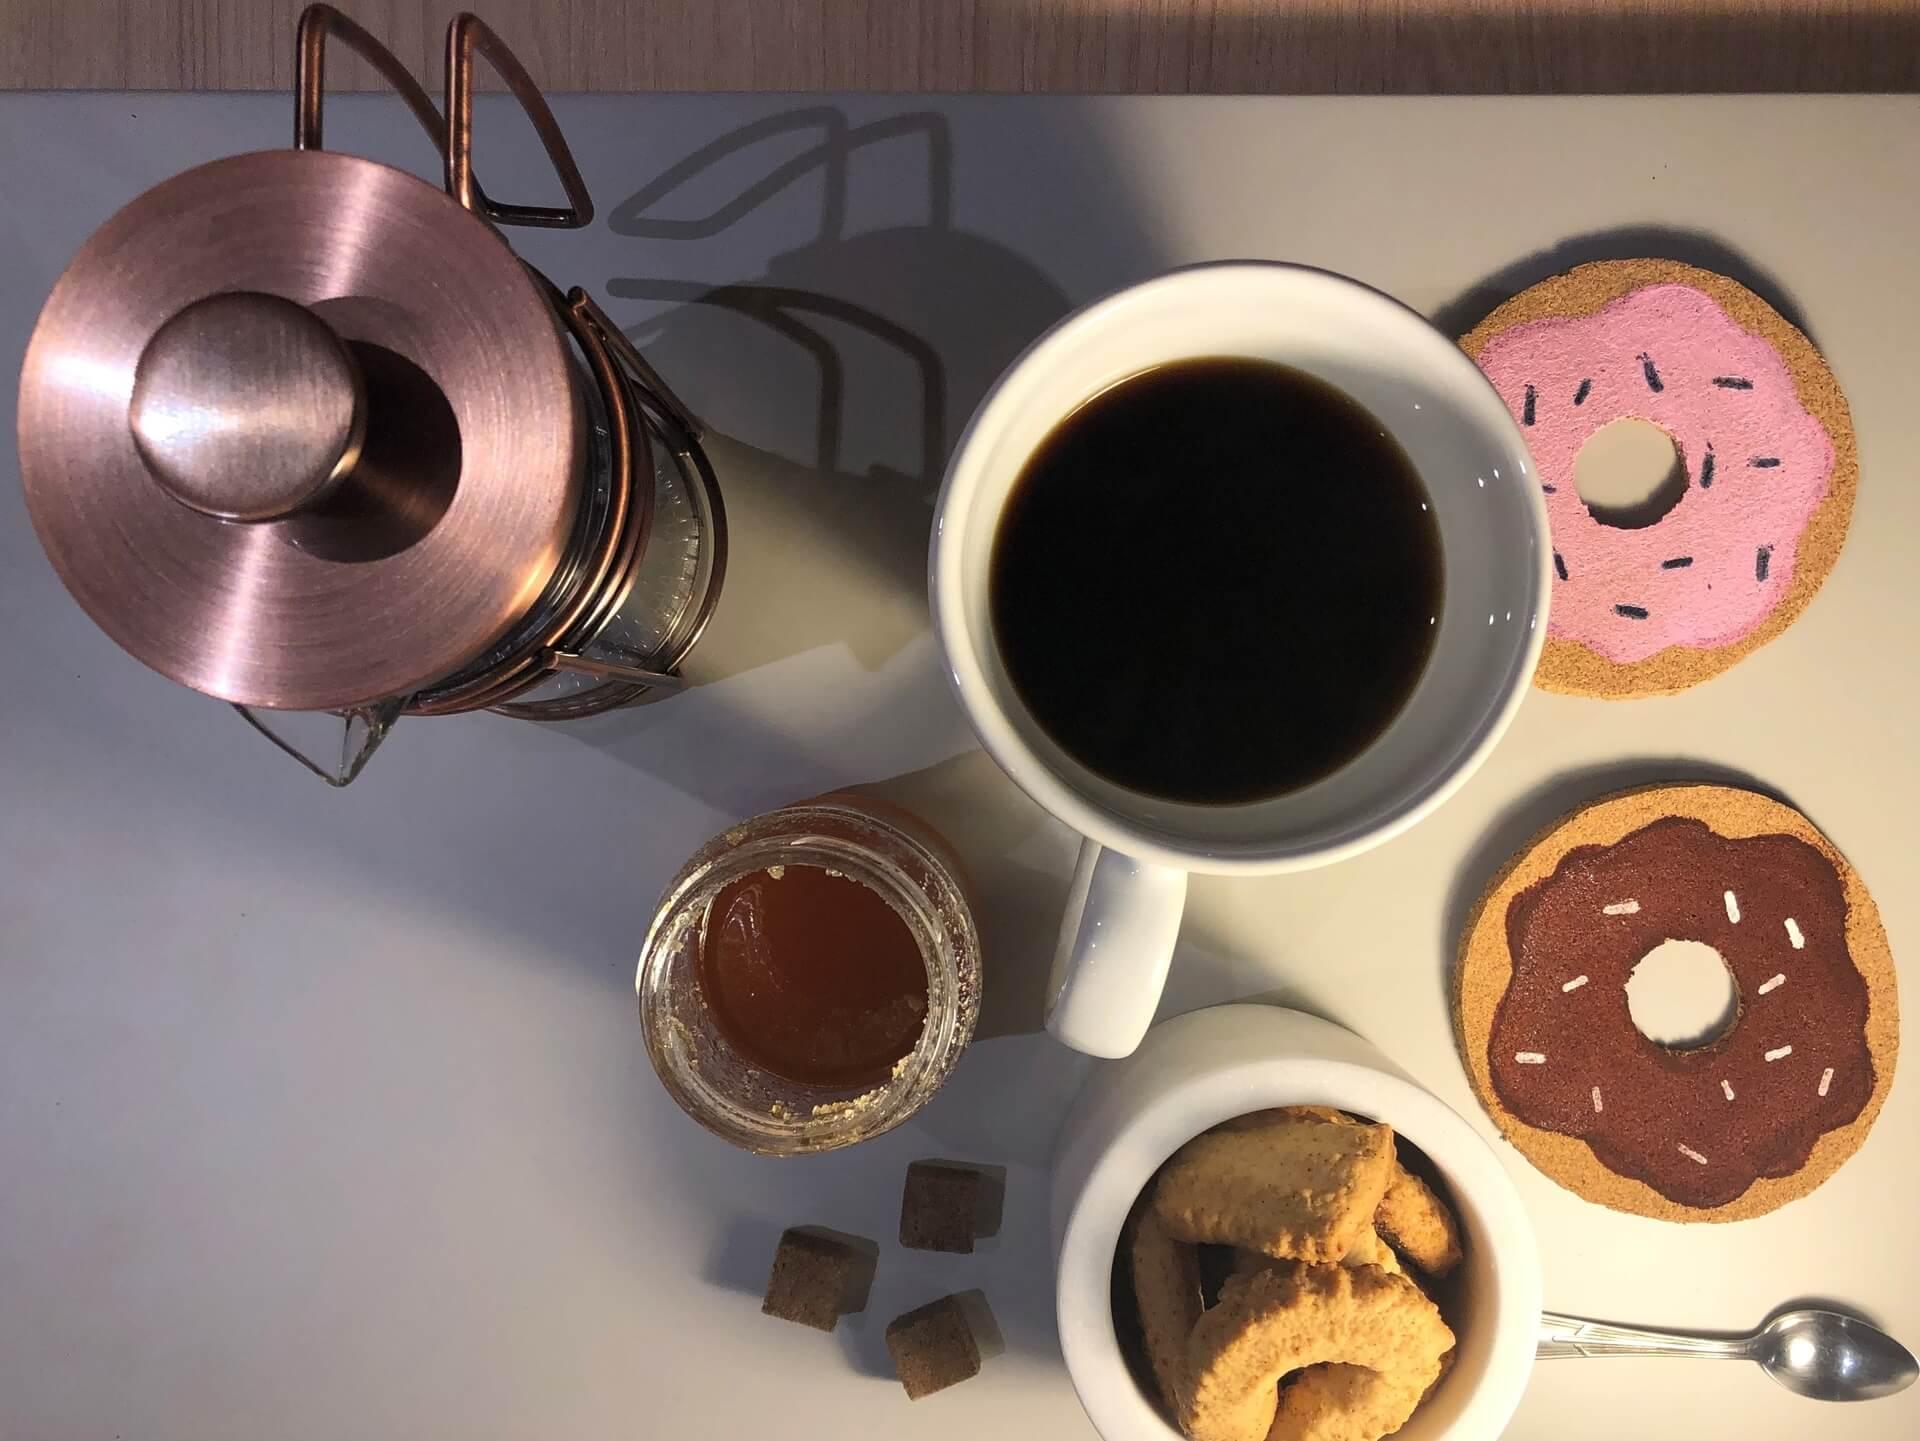 Imagem: Mesa de café com as bolachas de cortiça em formato de donut. Foto: Arquiteca Projetos.